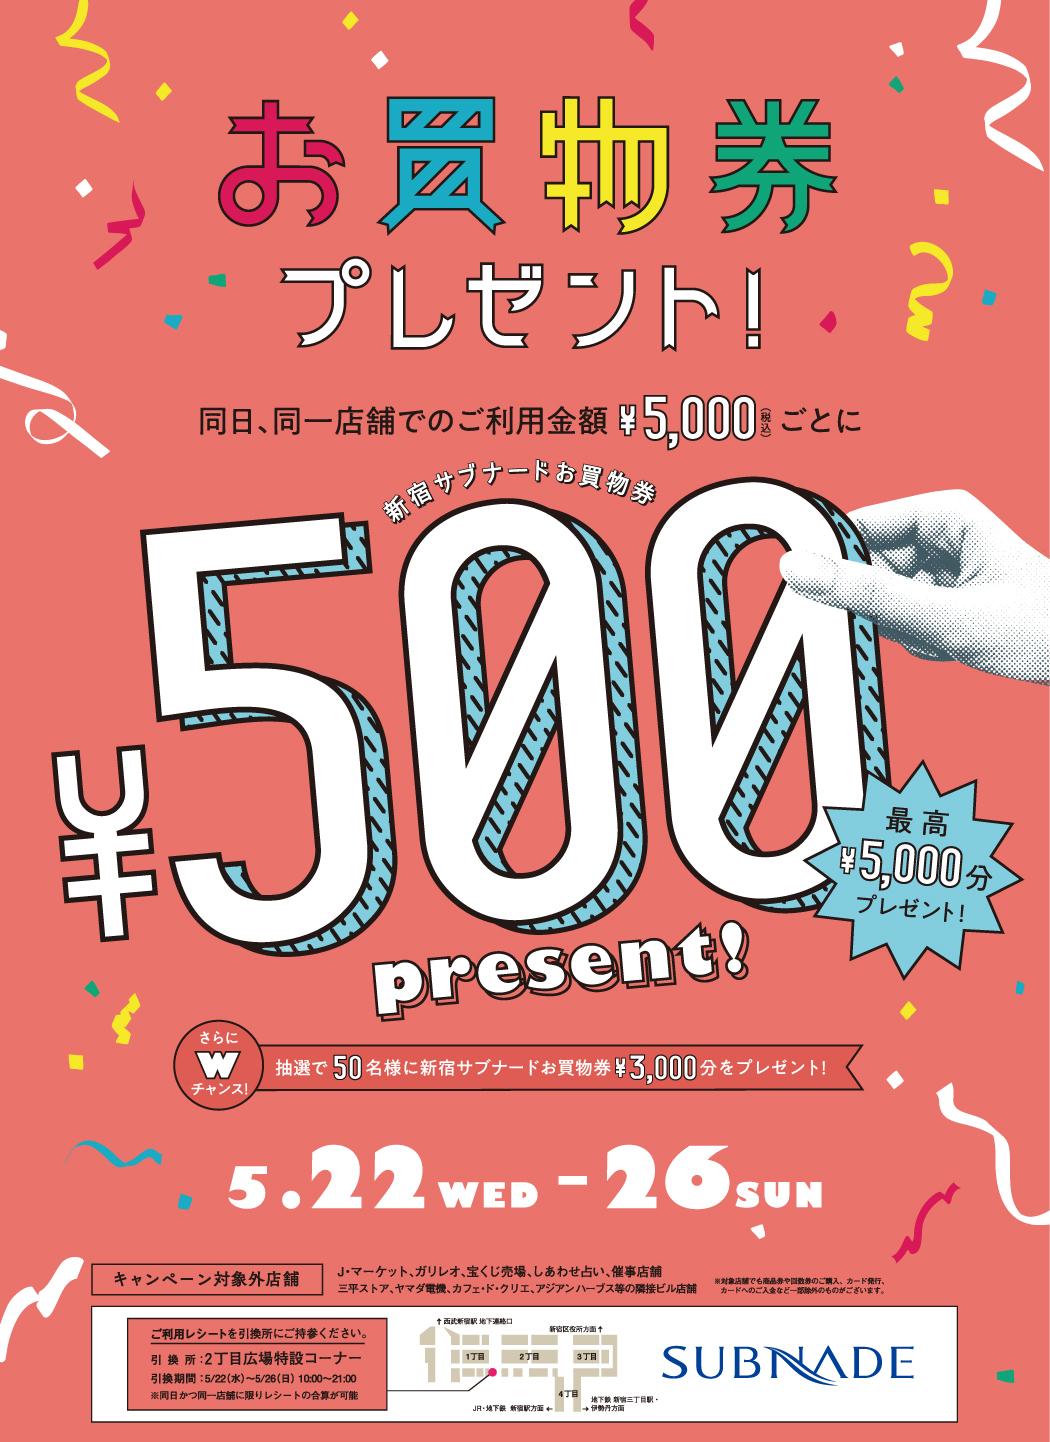 【新宿店限定】お買物券プレゼントキャンペーン!5月26日まで!